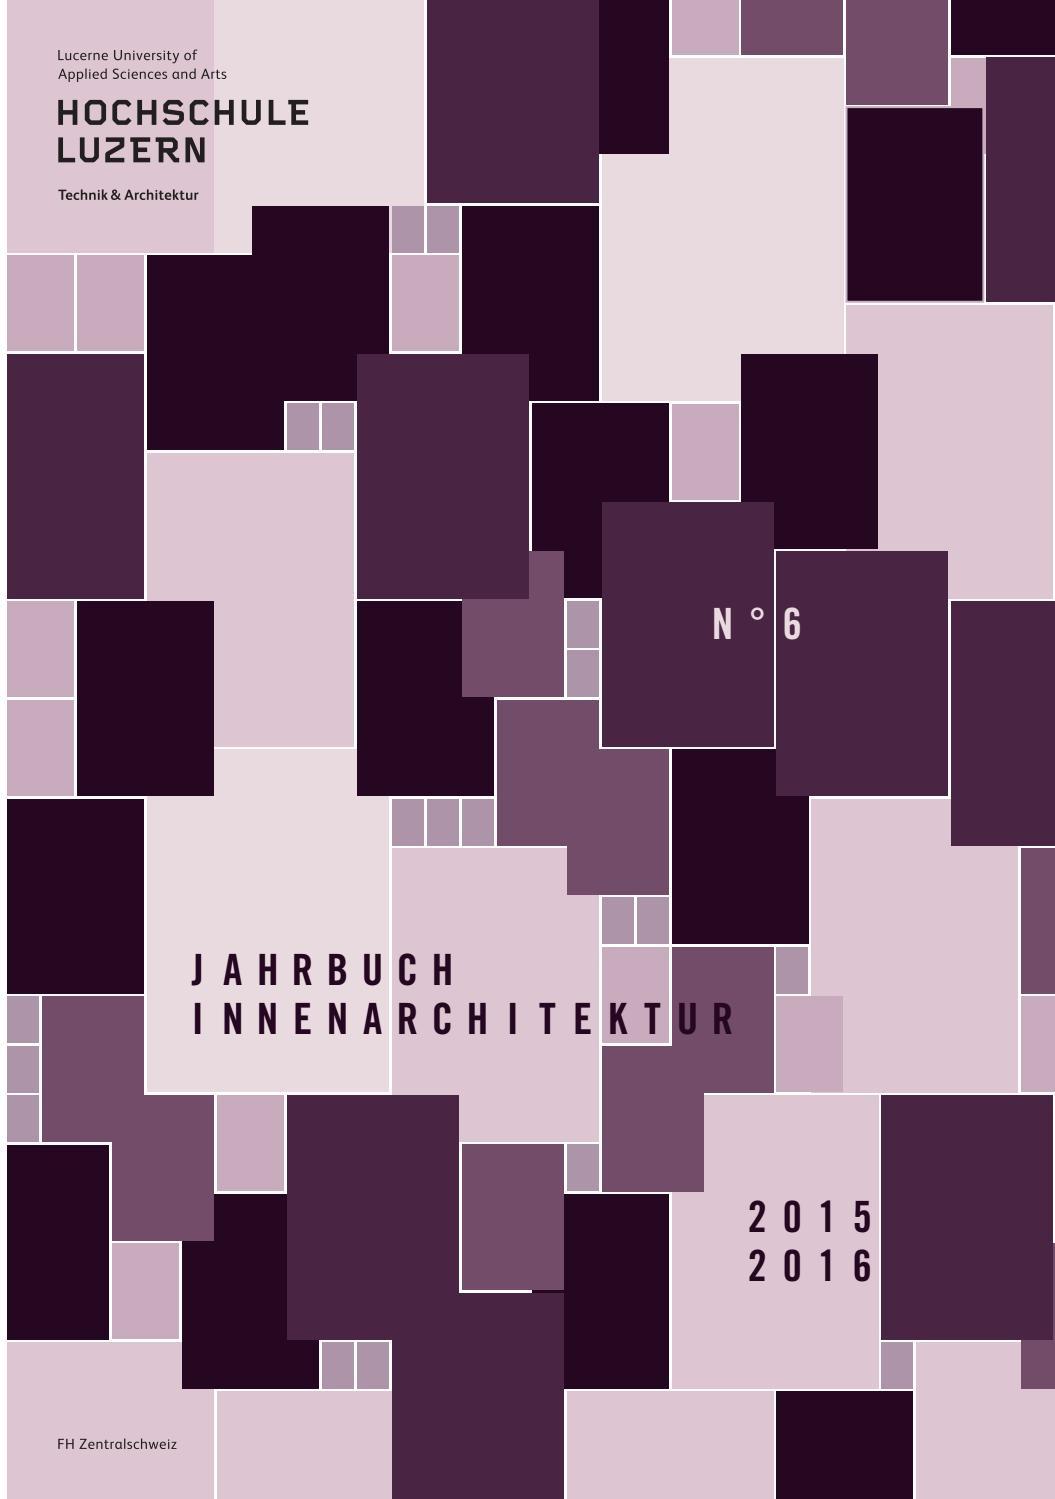 jahrbuch der innenarchitektur 2016/2017 gibt anhand von 24, Innenarchitektur ideen